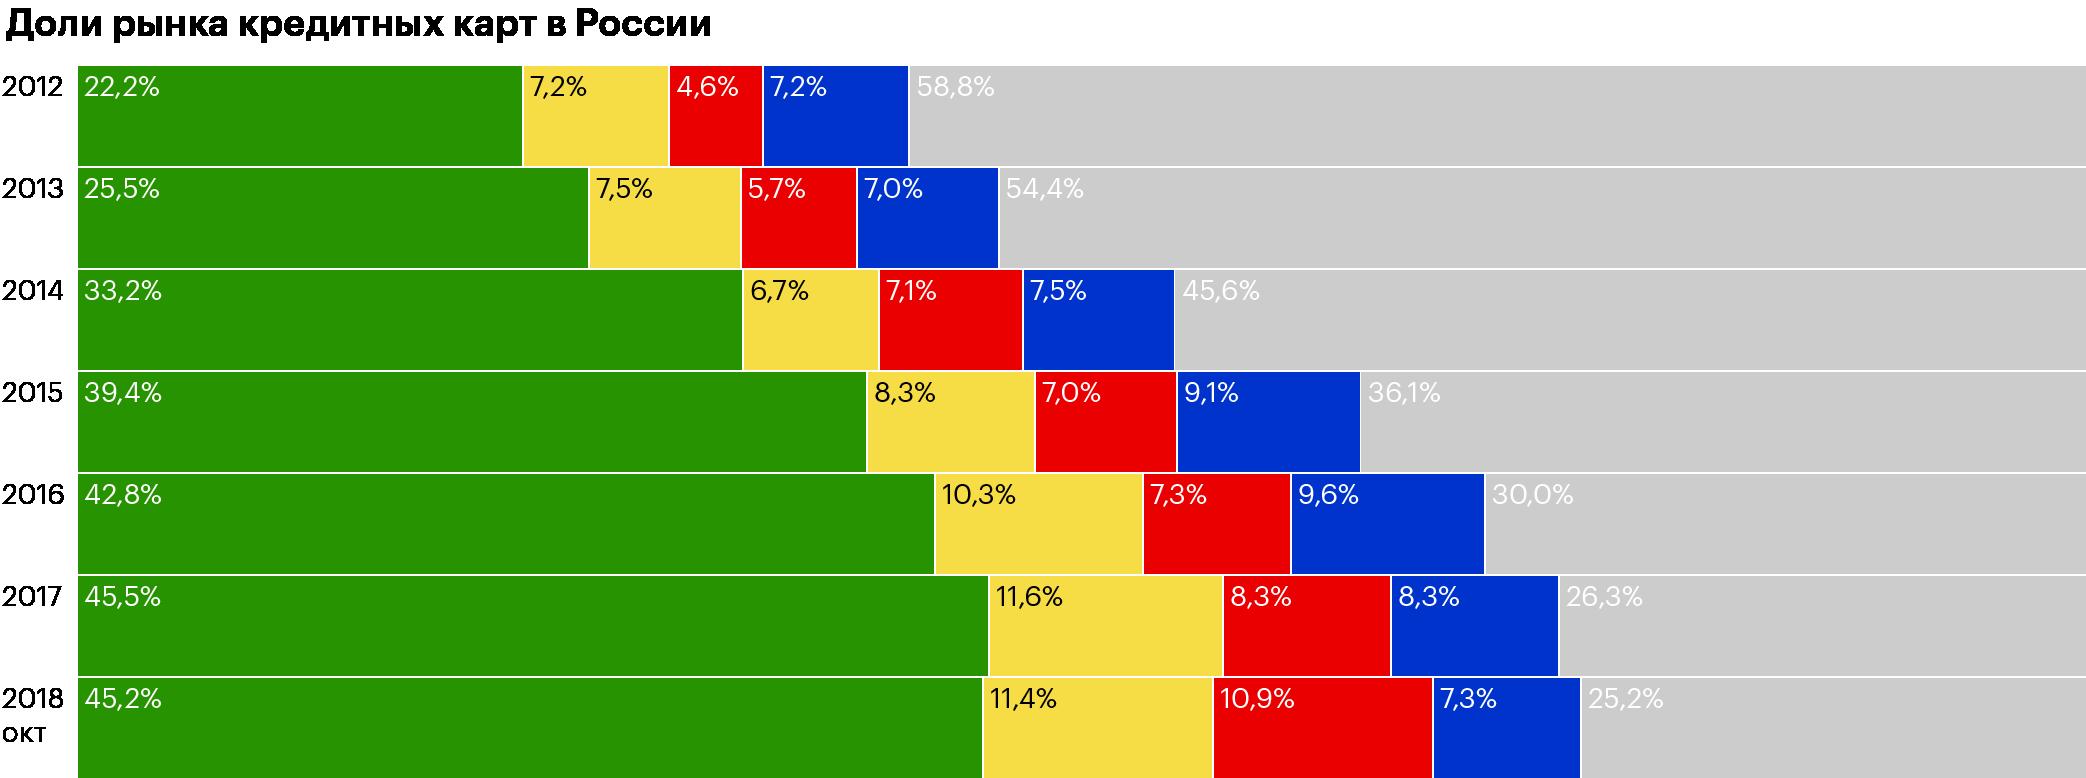 Тинькофф-банк продолжает занимать второе место в России по объему рынка кредитных карт. Инфографика: Презентация Тинькофф-банка за3квартал 2018года, стр.21